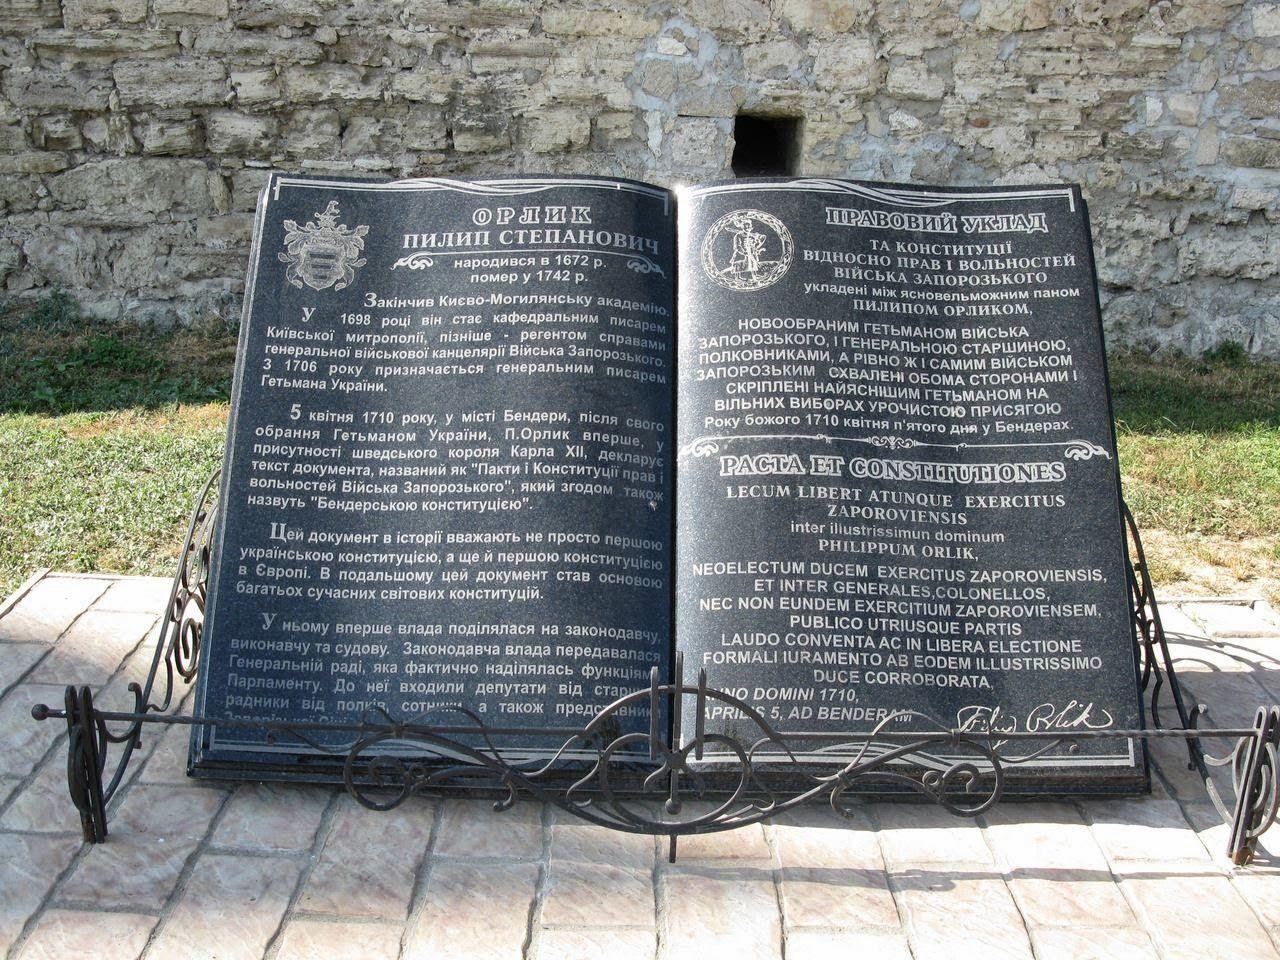 Памя'тник Конституції Пилипа Орлика у молдовському місті Бендери